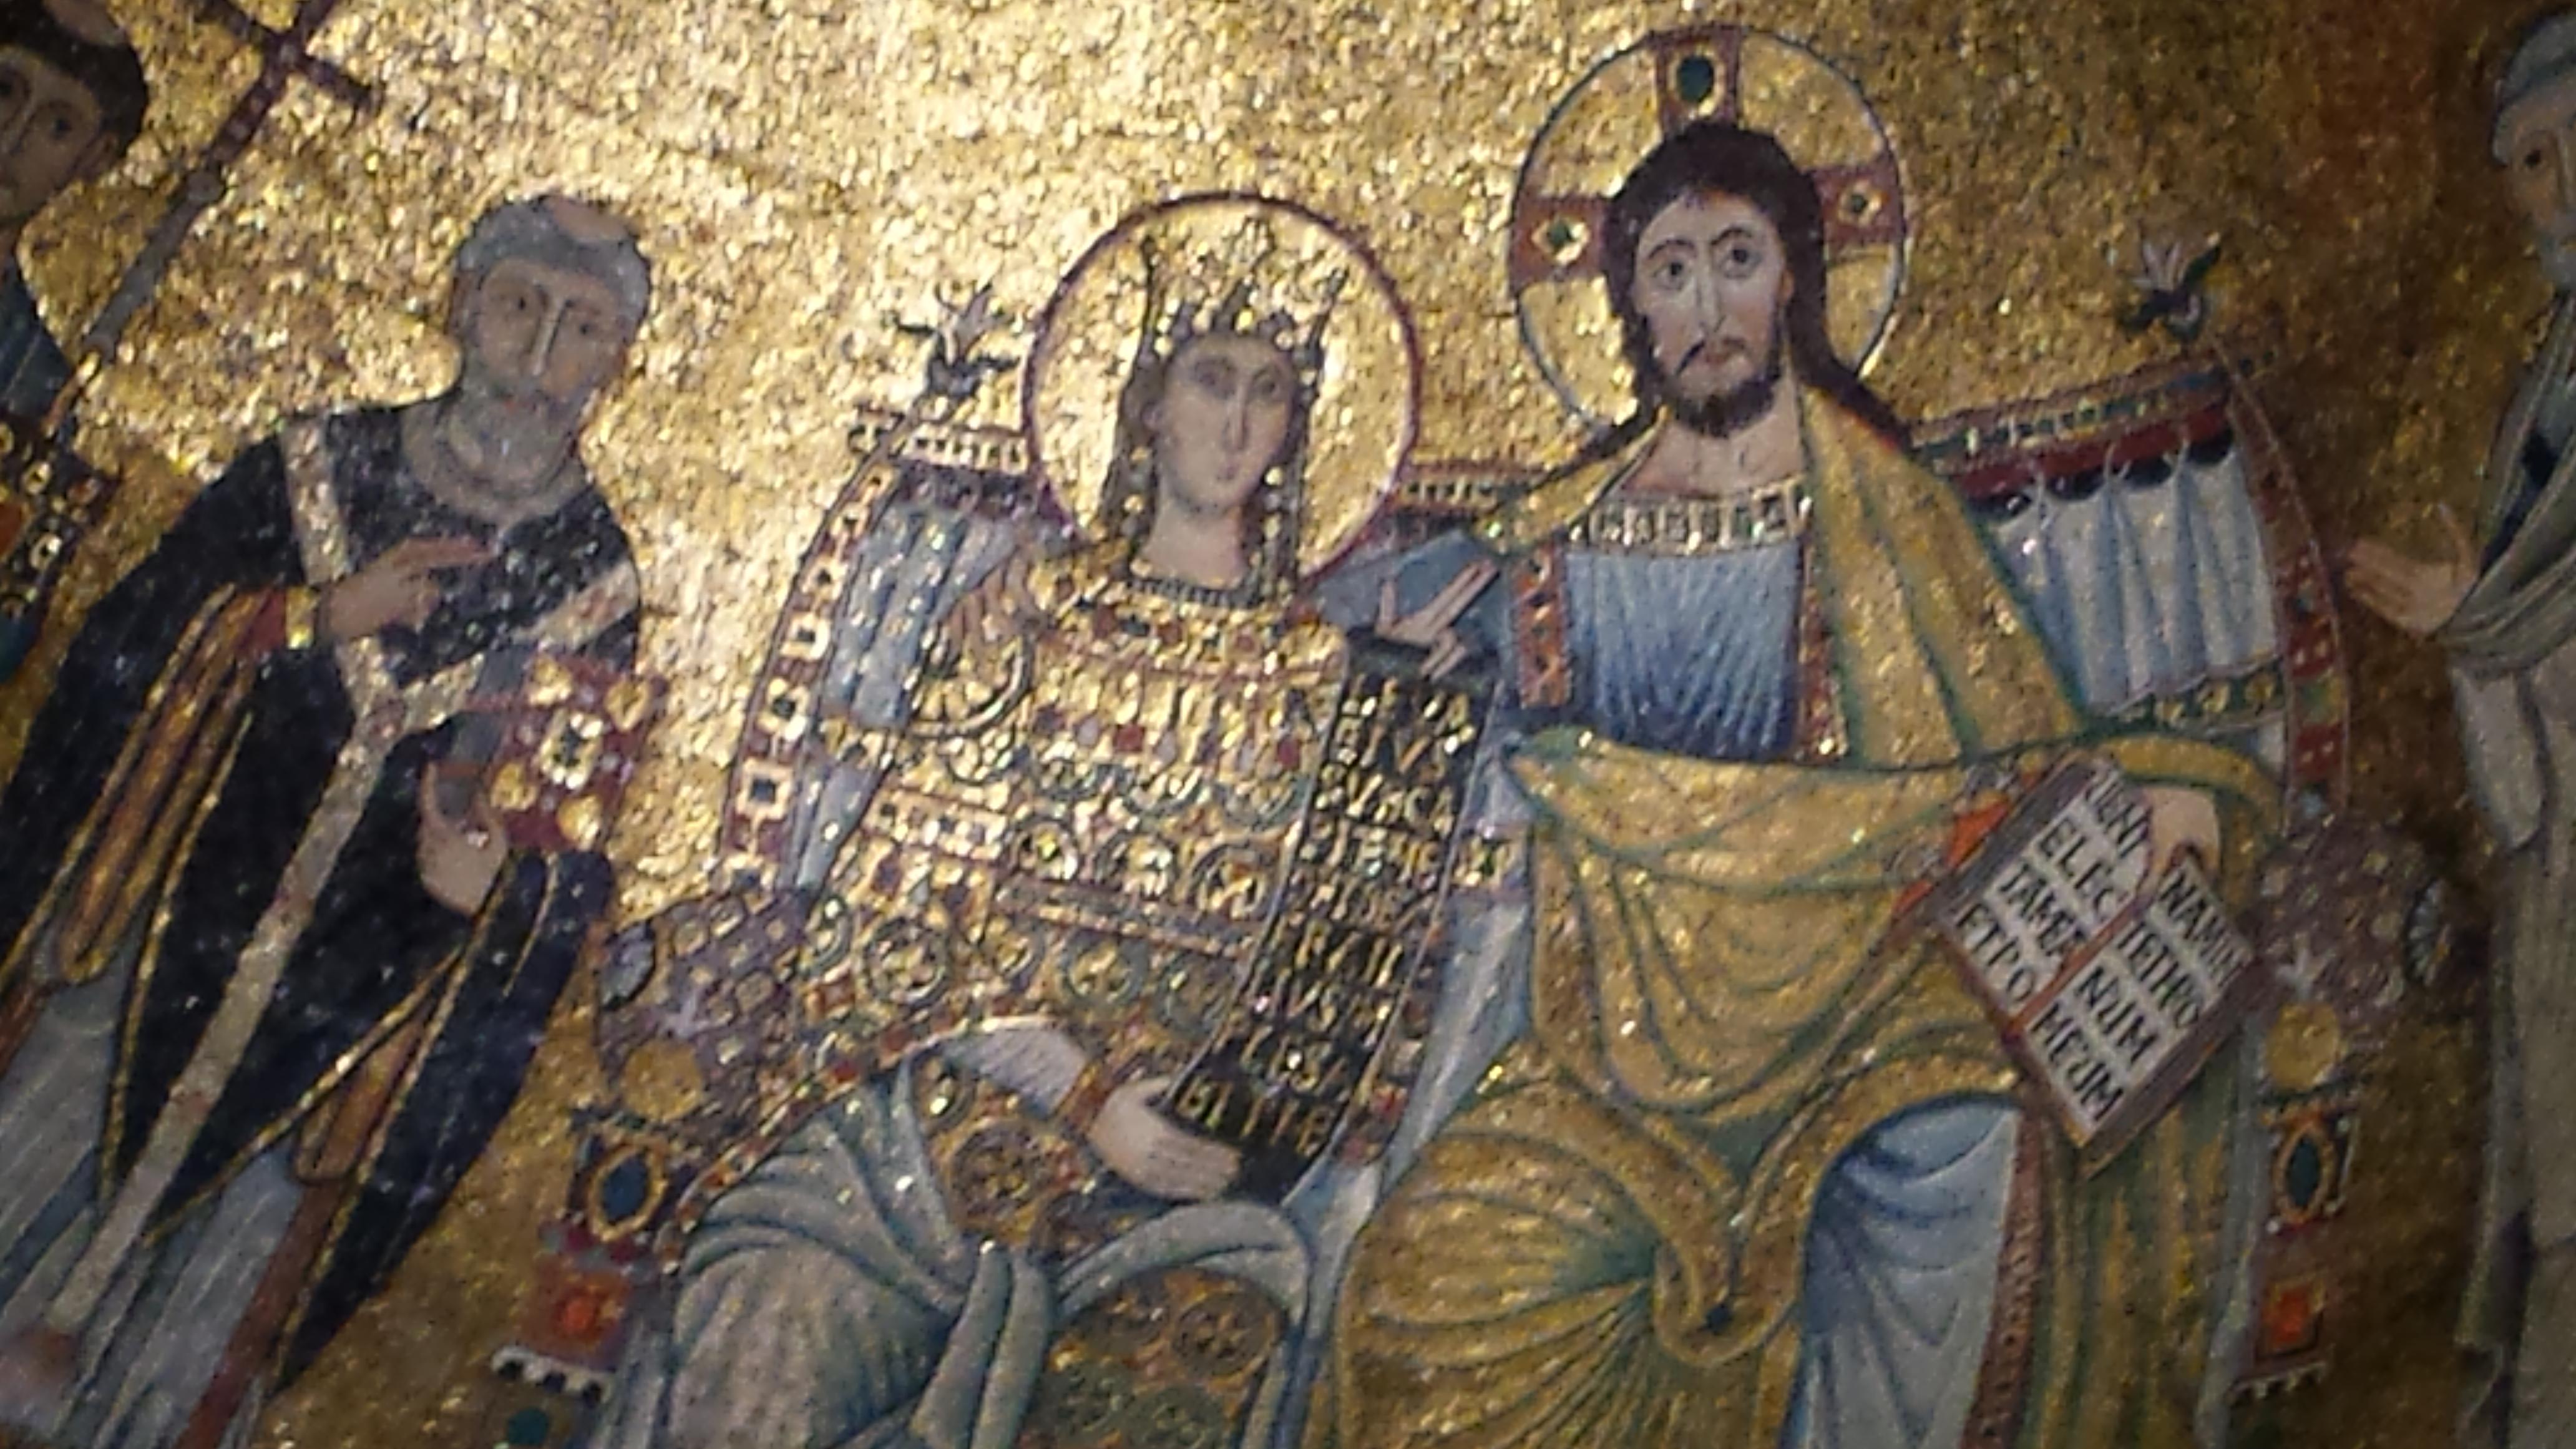 Couronnement de la Vierge Eglise : dans les mosaïques romaines, ici ste Maria in Tratevere, l'Eglise et Marie sont volontairement assimilées